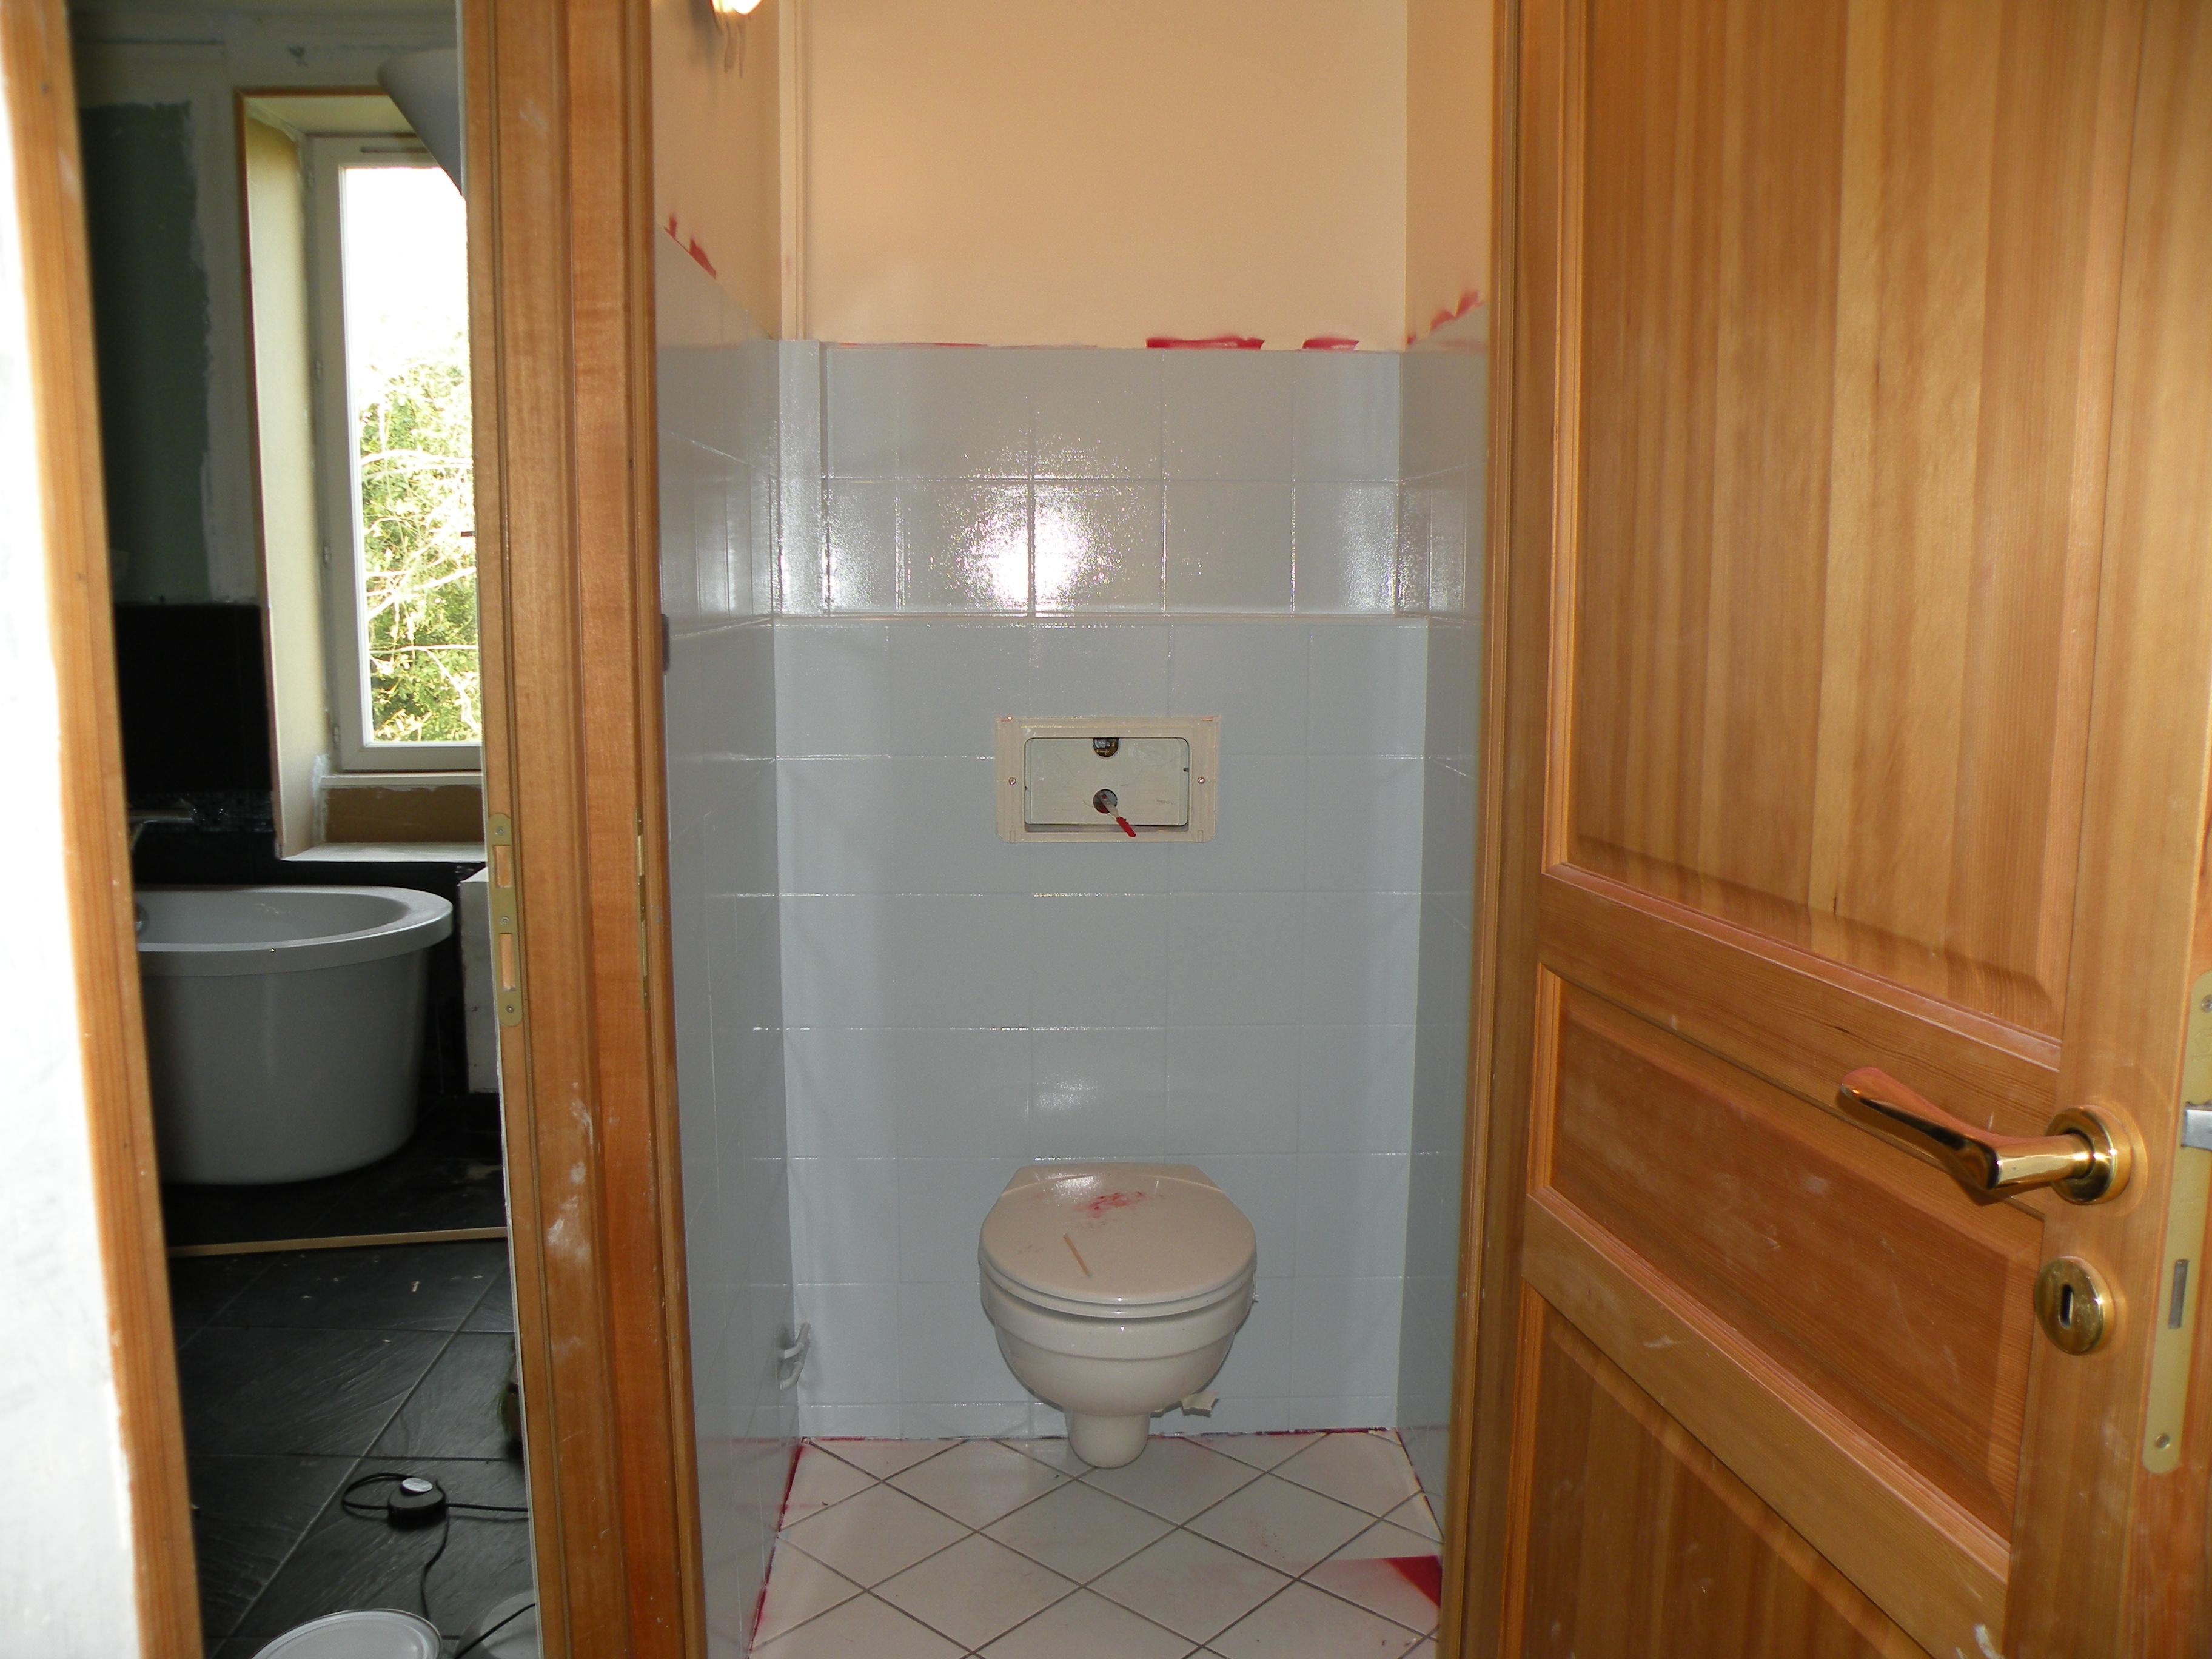 Les toilettes du haut for Nettoyage carrelage avant peinture